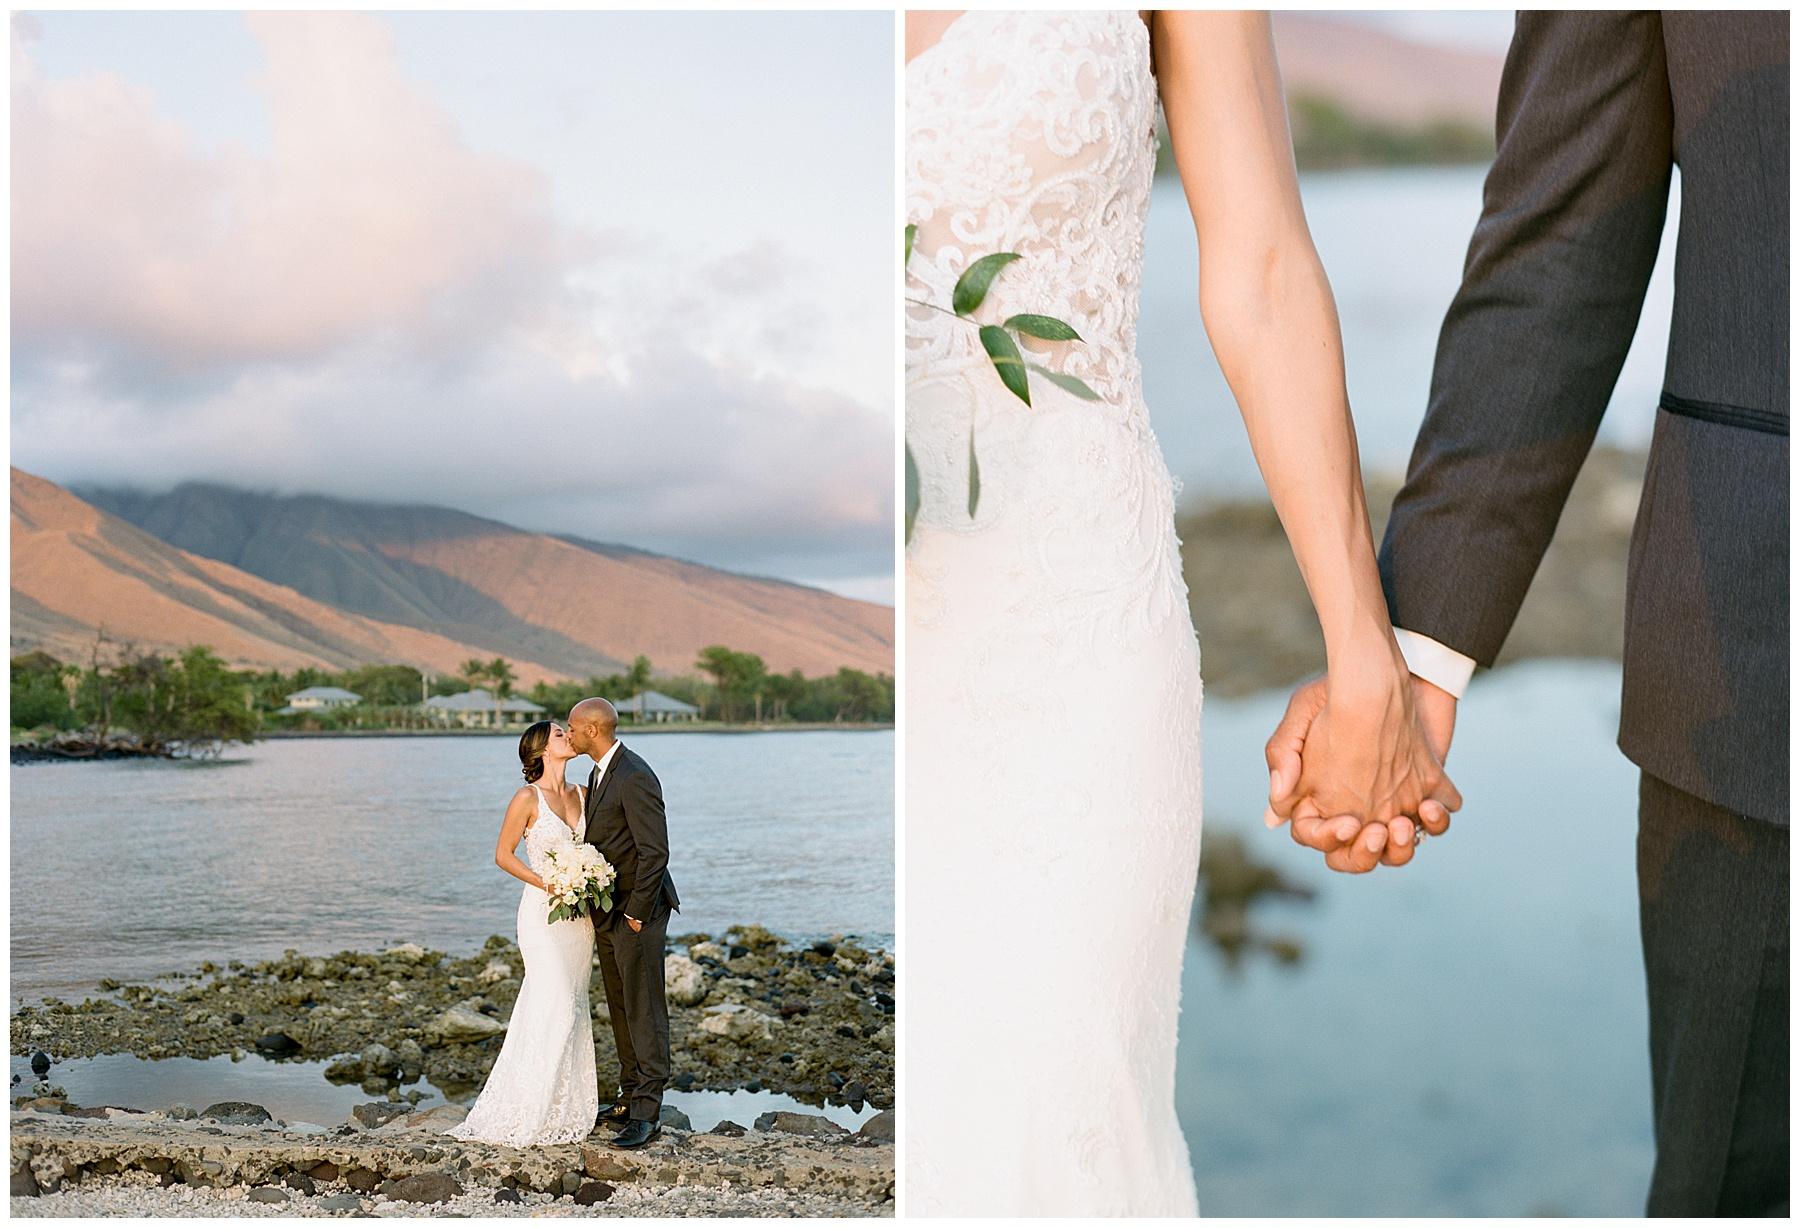 Olowalu-plantation-house-maui-hawaii-wedding-196.jpg